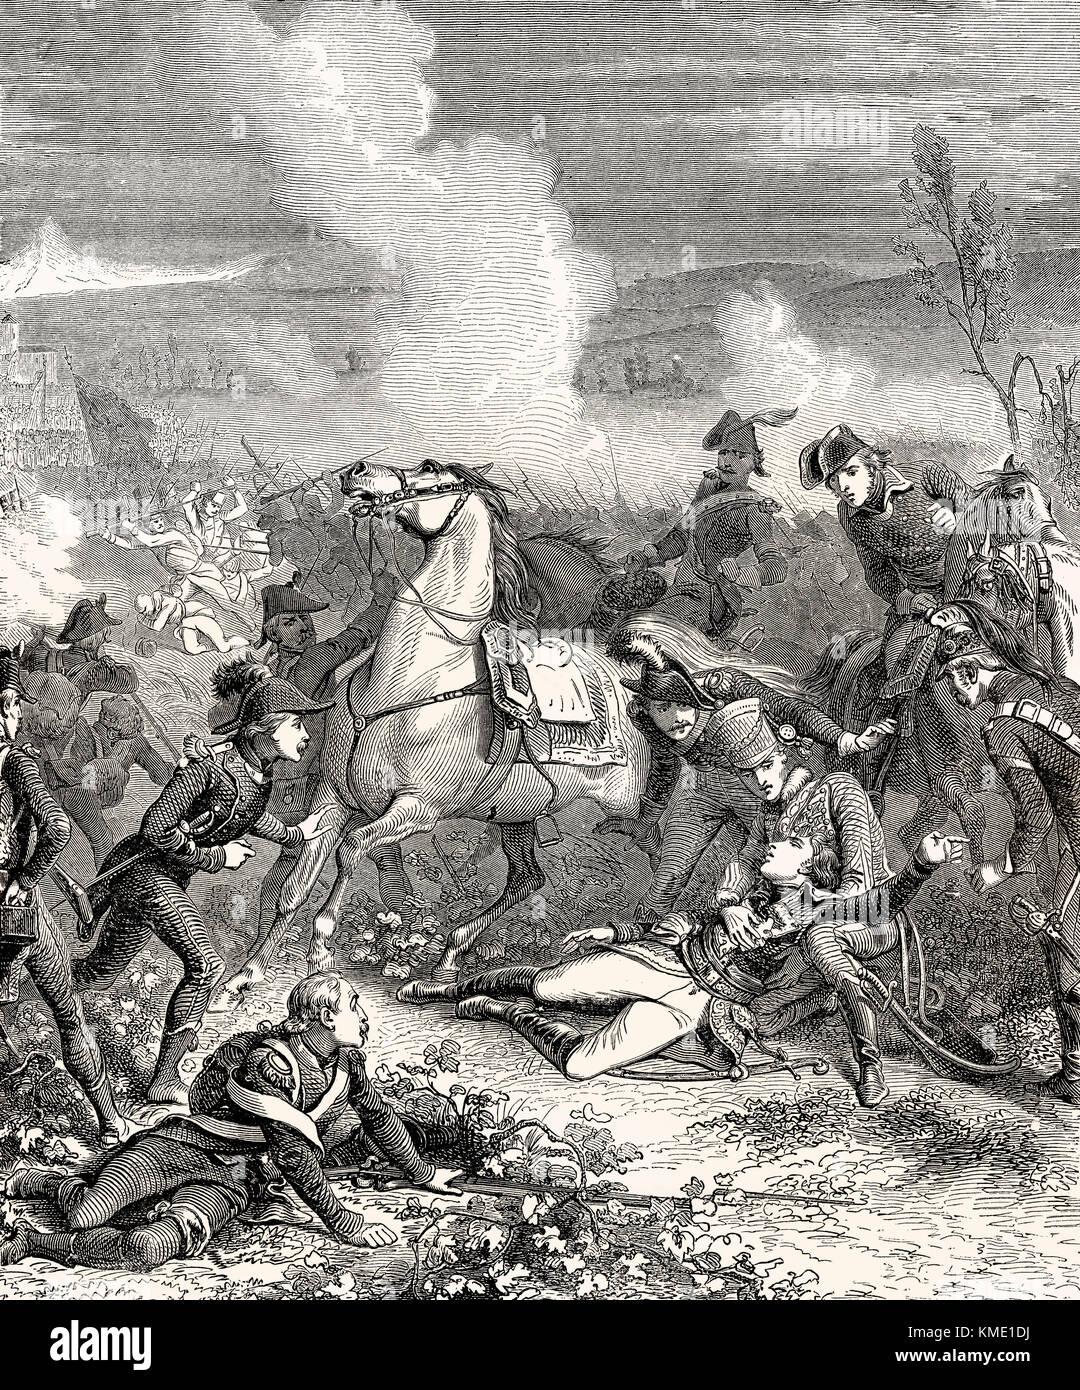 The death of Louis Charles Antoine Desaix, Battle of Marengo, 14 June 1800 - Stock Image